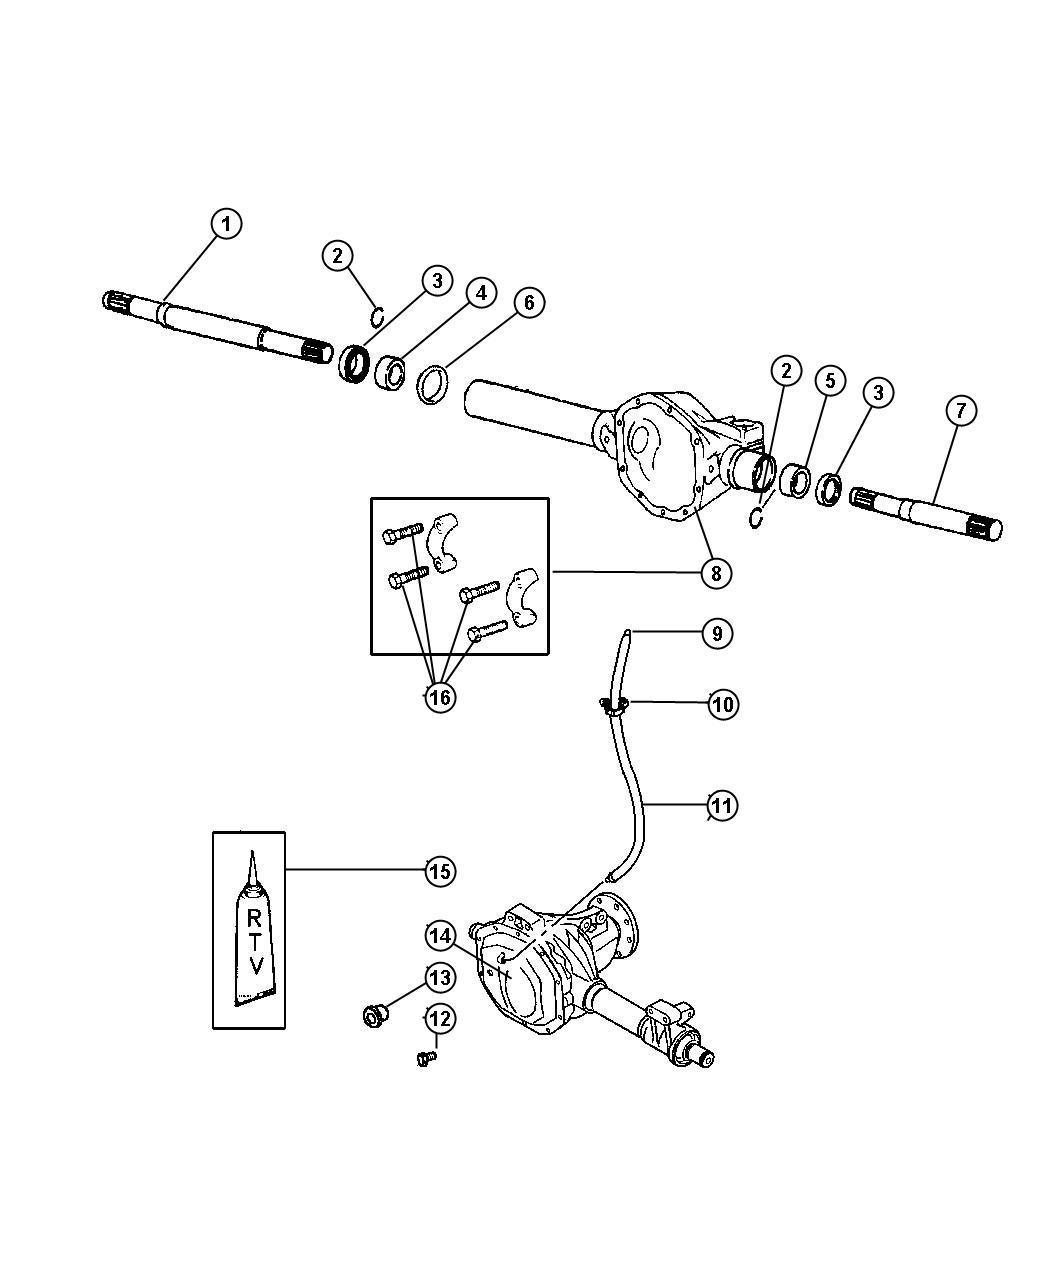 Dodge 4x4 Front Axle Parts Diagram